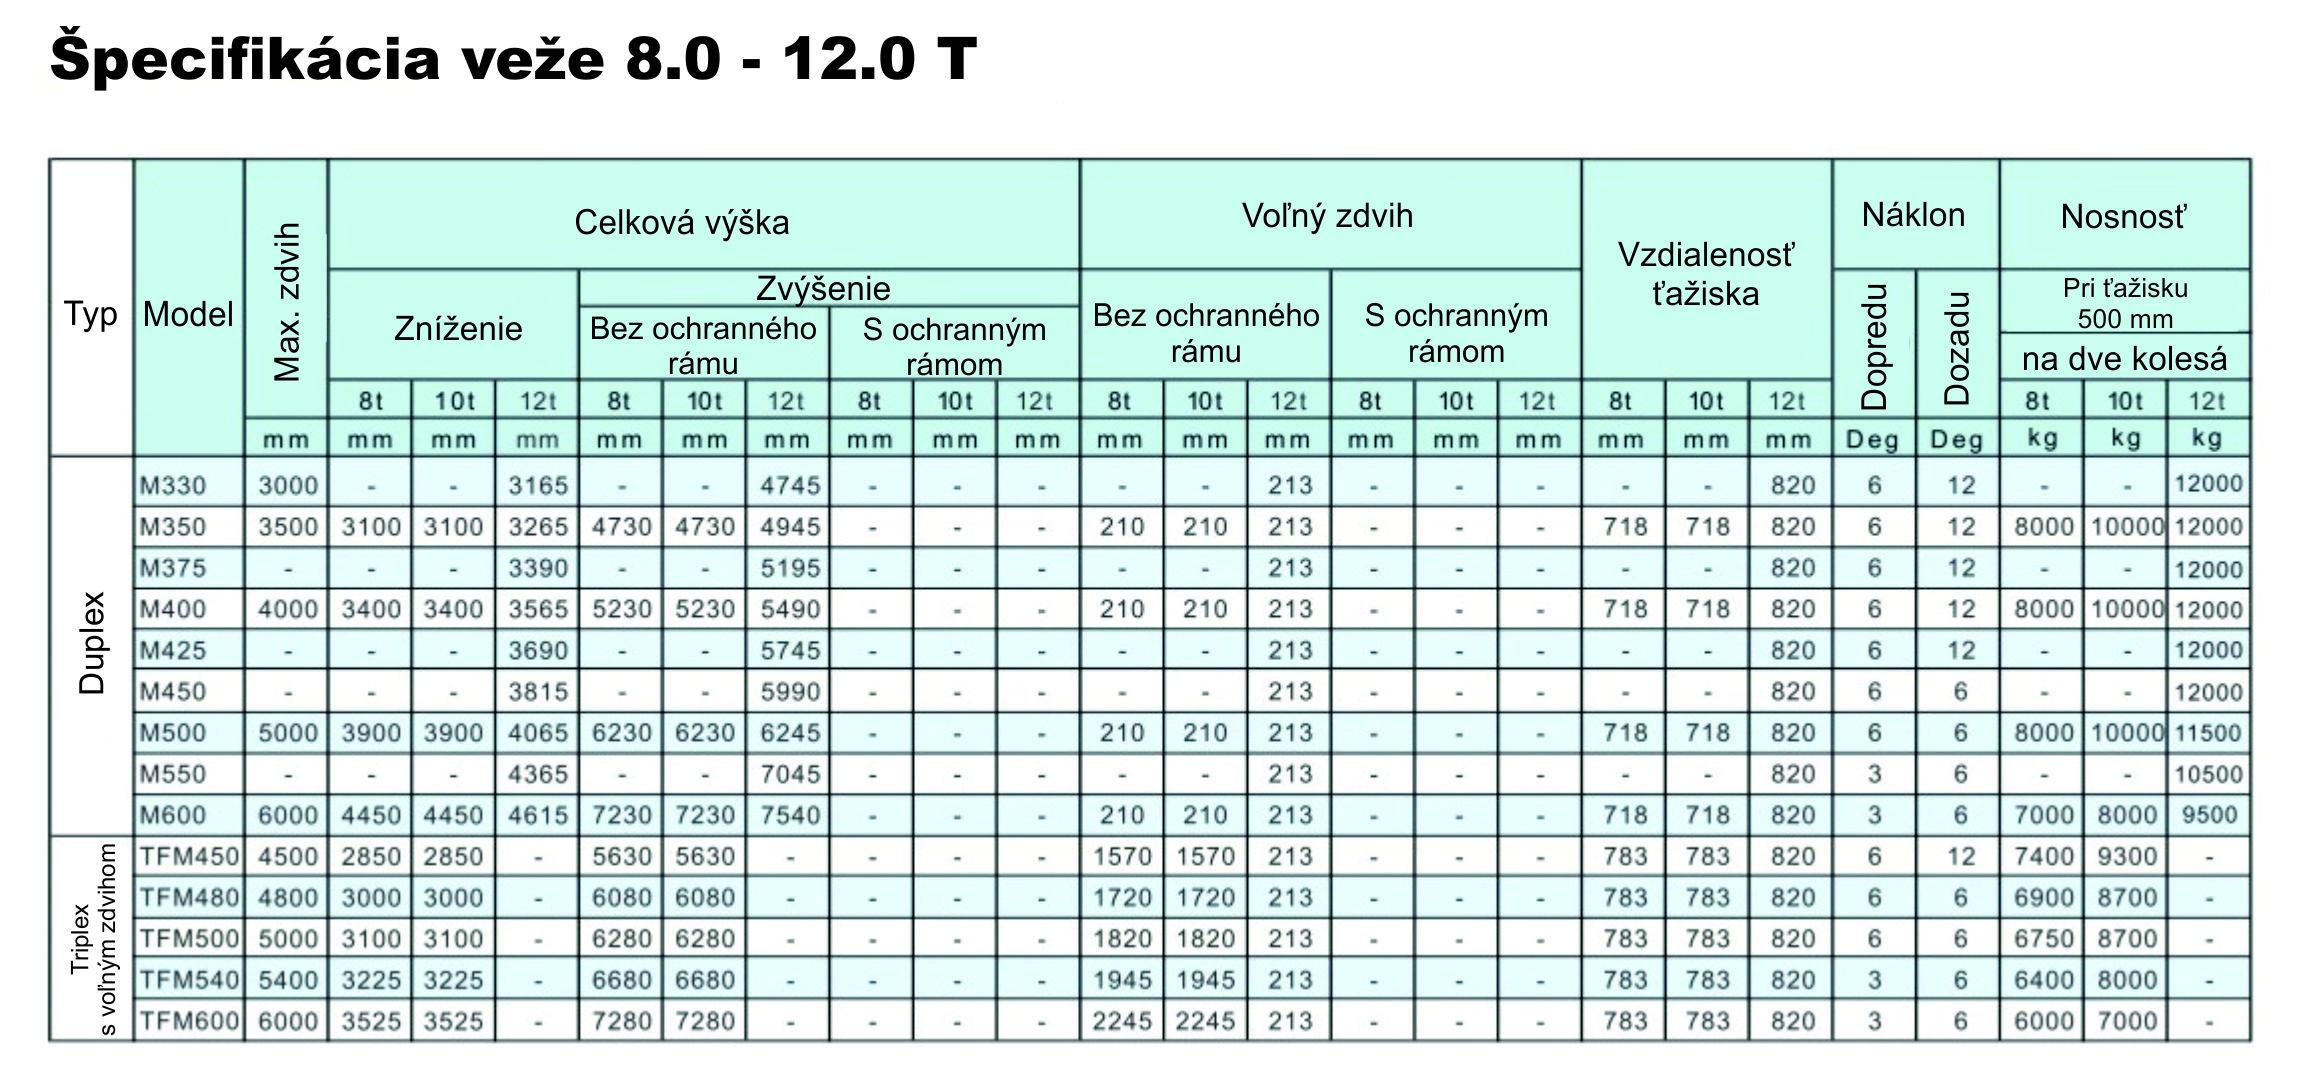 Špecifikácia veže_diesel_8.0 - 12.0 T